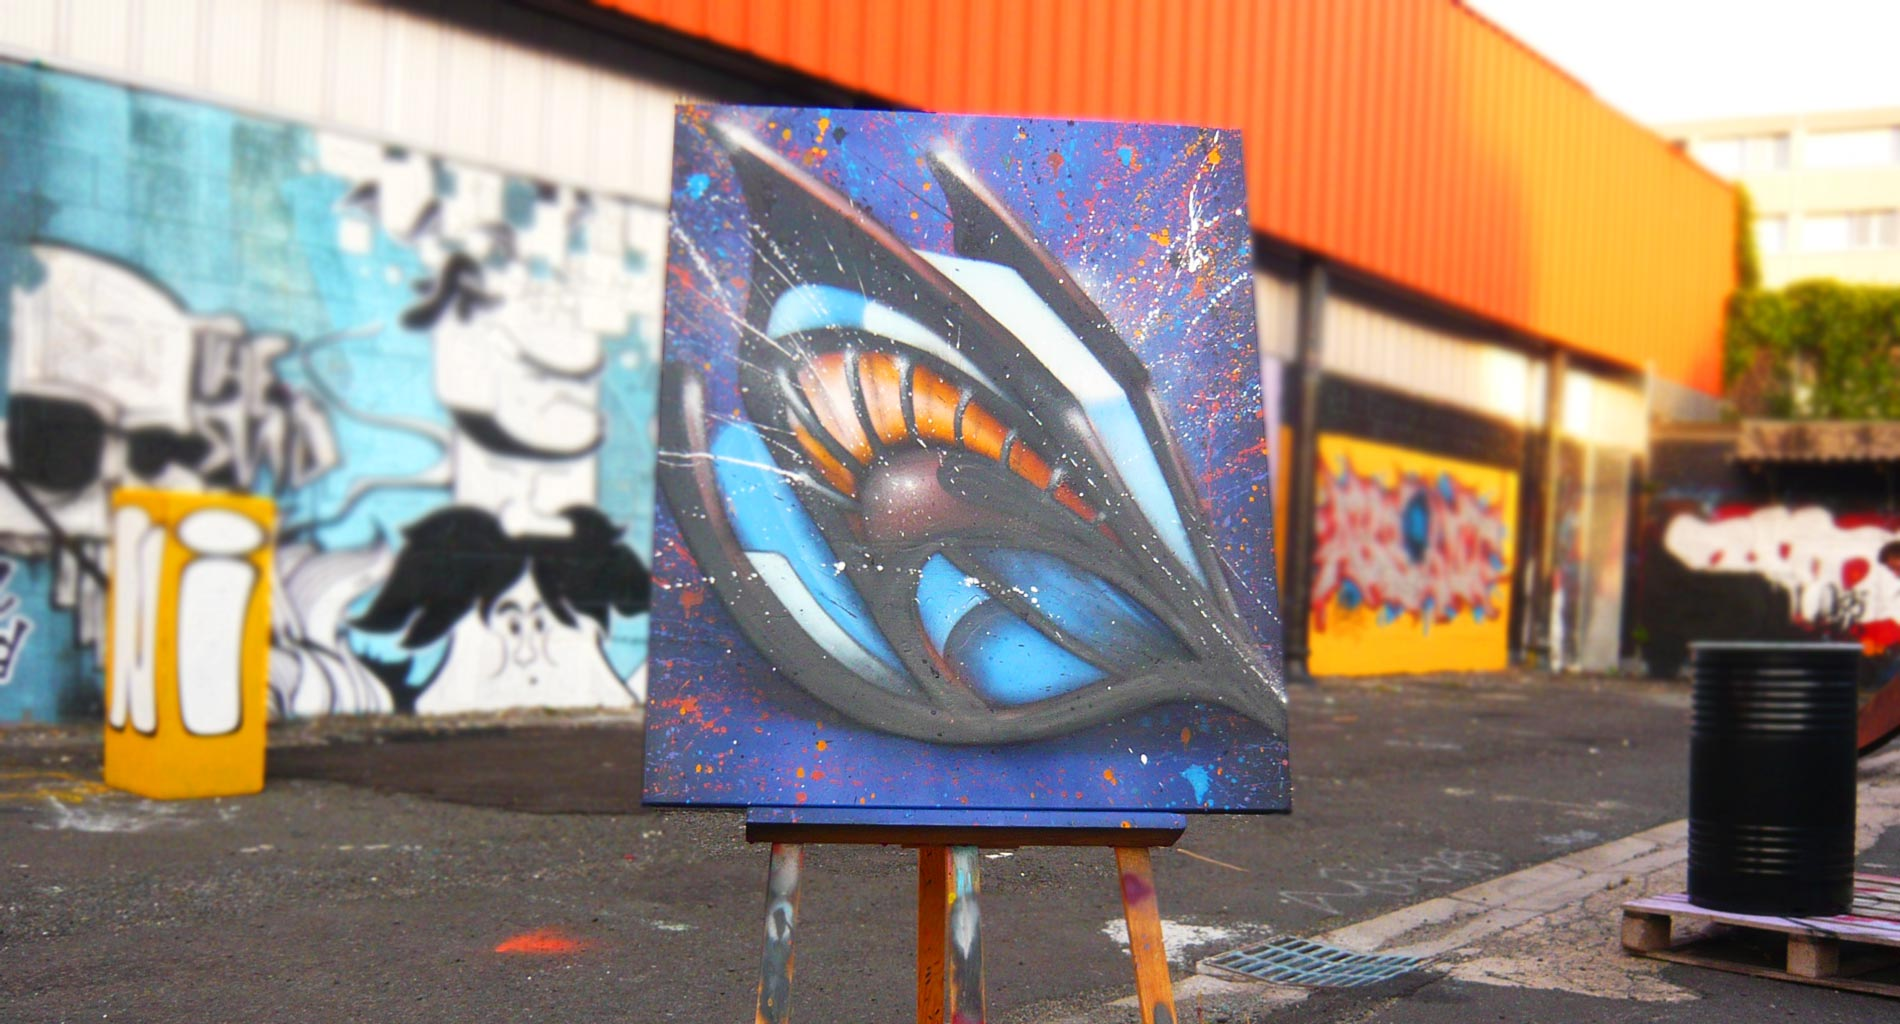 Tableau 3 Serie D - Graffiti